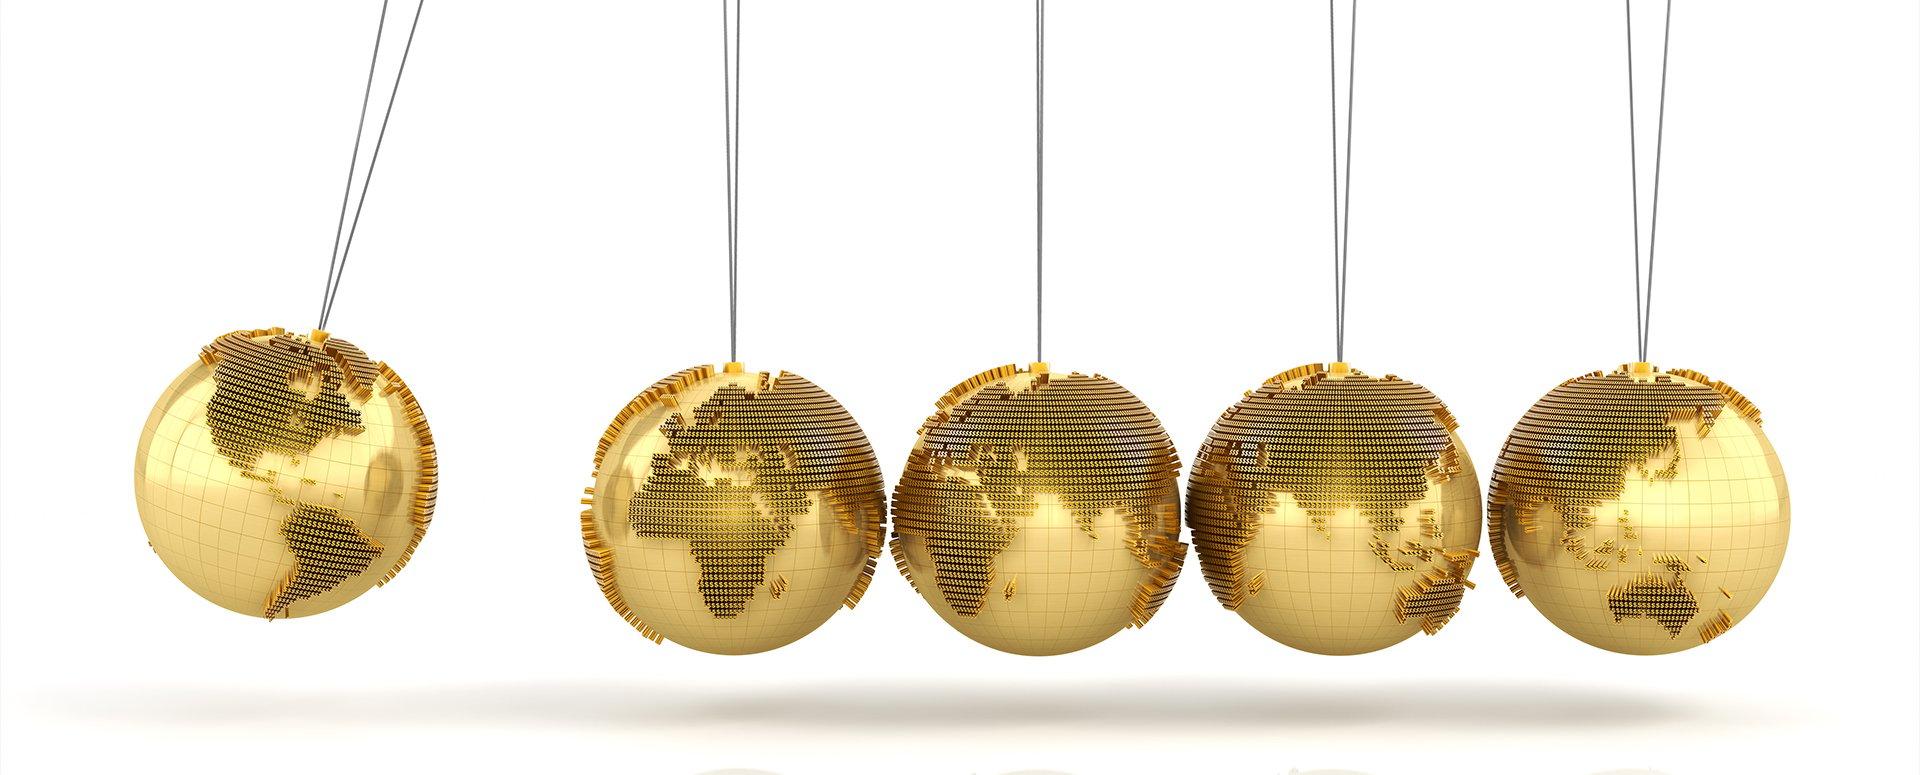 Hvordan kan du som investor bidra til at verden når FNs 17 bærekraftsmål - FredrikG_1920x775